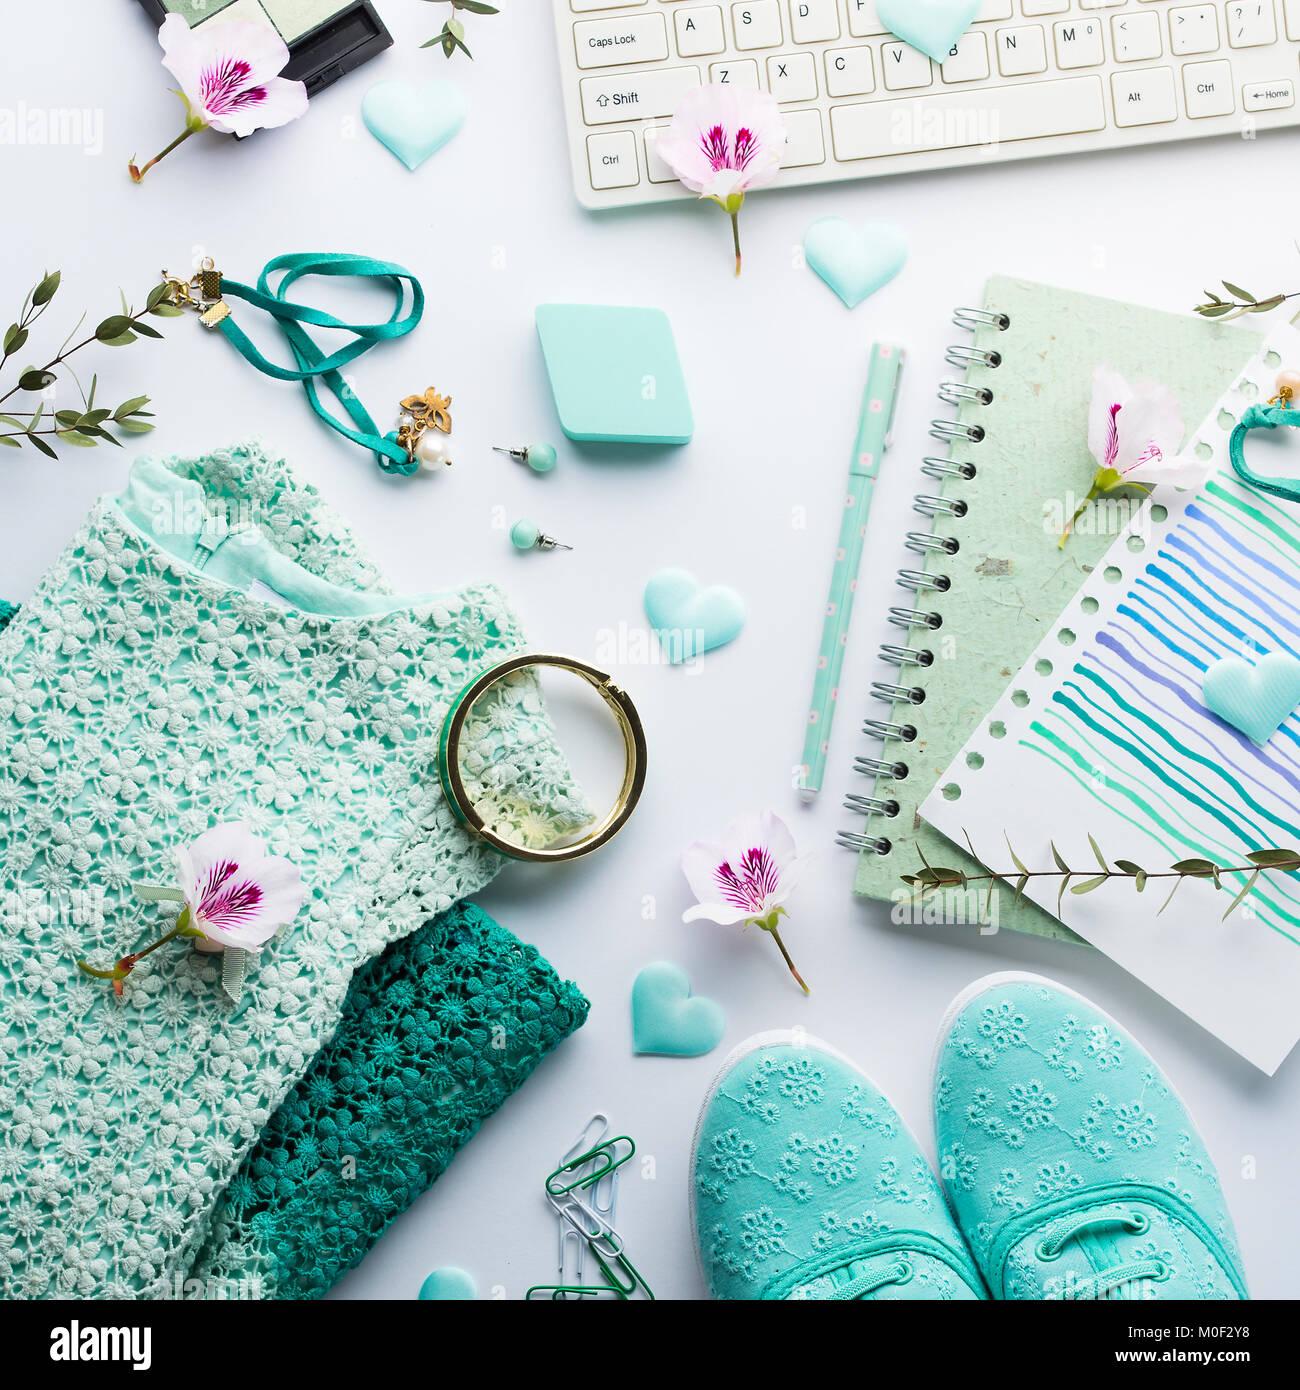 91e64249664a Pastel de color verde menta moda mujer ropa de estilo de vida laical plana  con accesorios, portátil y teclado